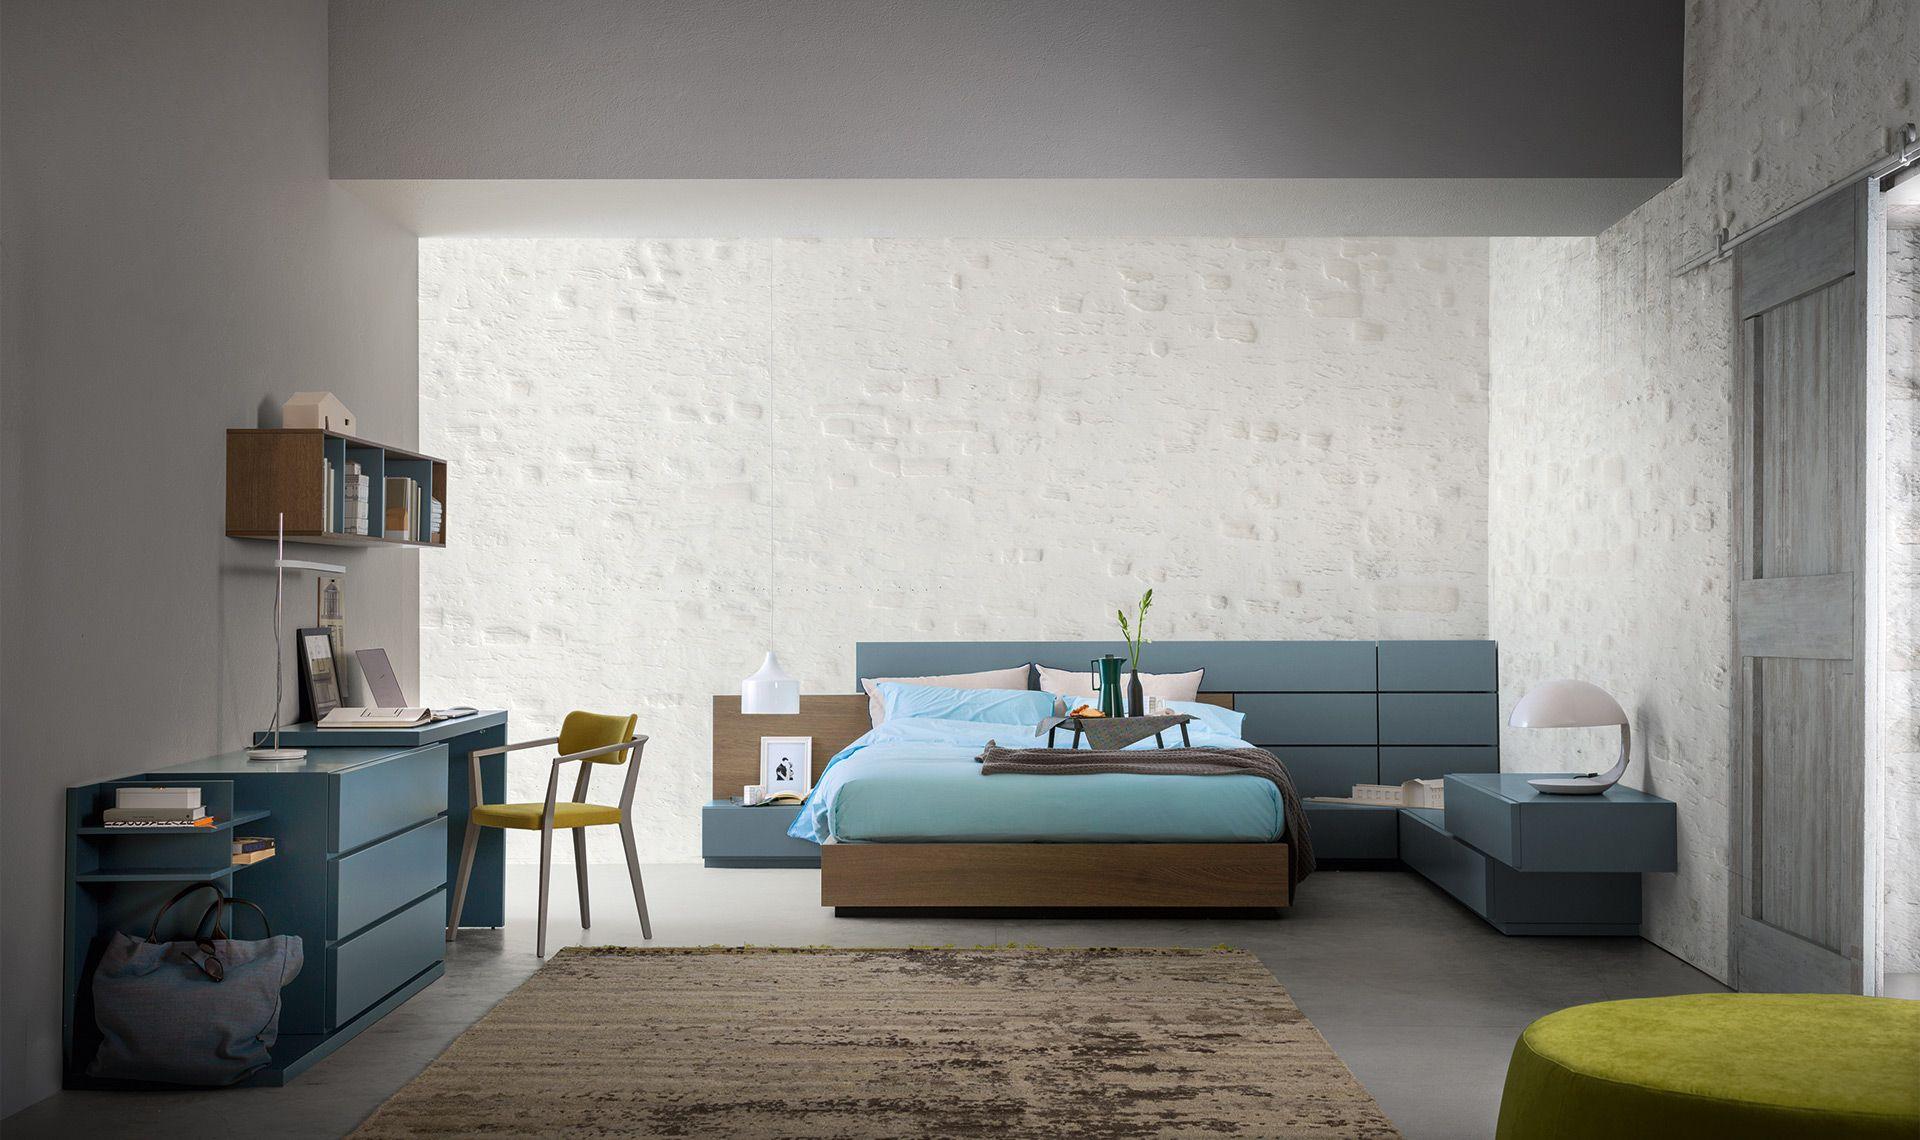 Colori Per Camera Da Letto Rilassanti : Quali colori scegliere per la camera da letto? una tonalità di